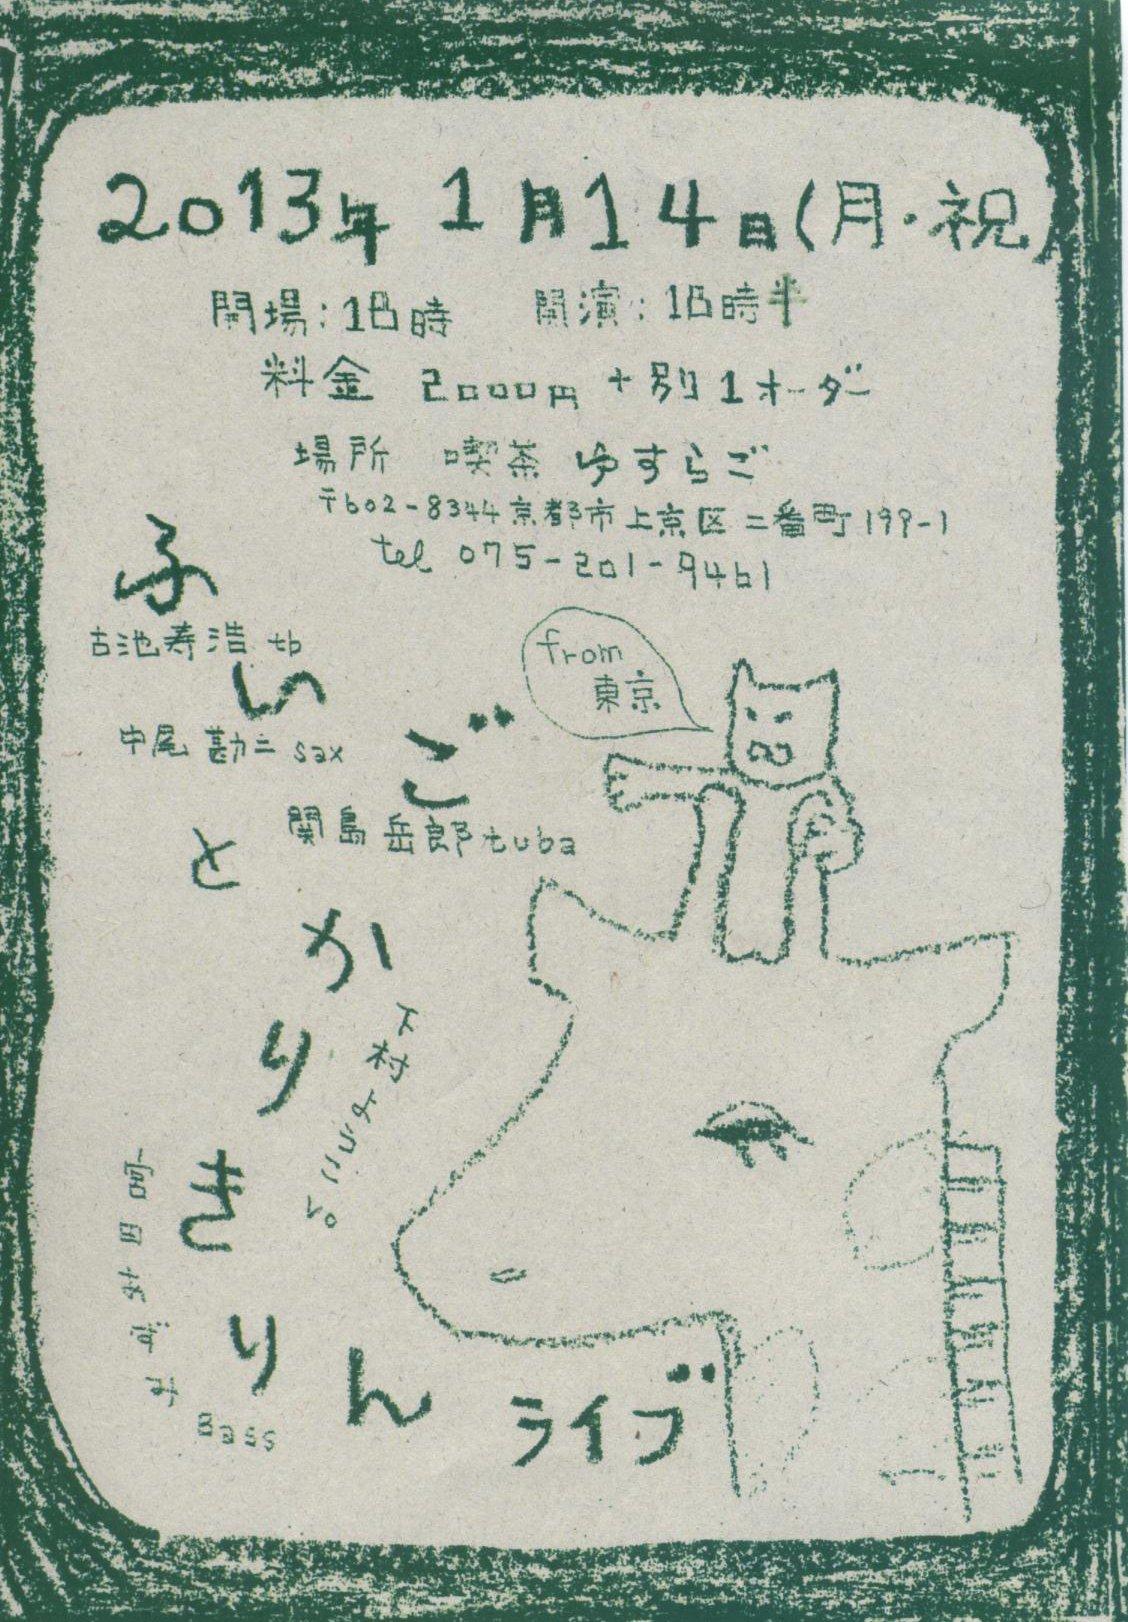 20130114yusurago.jpg